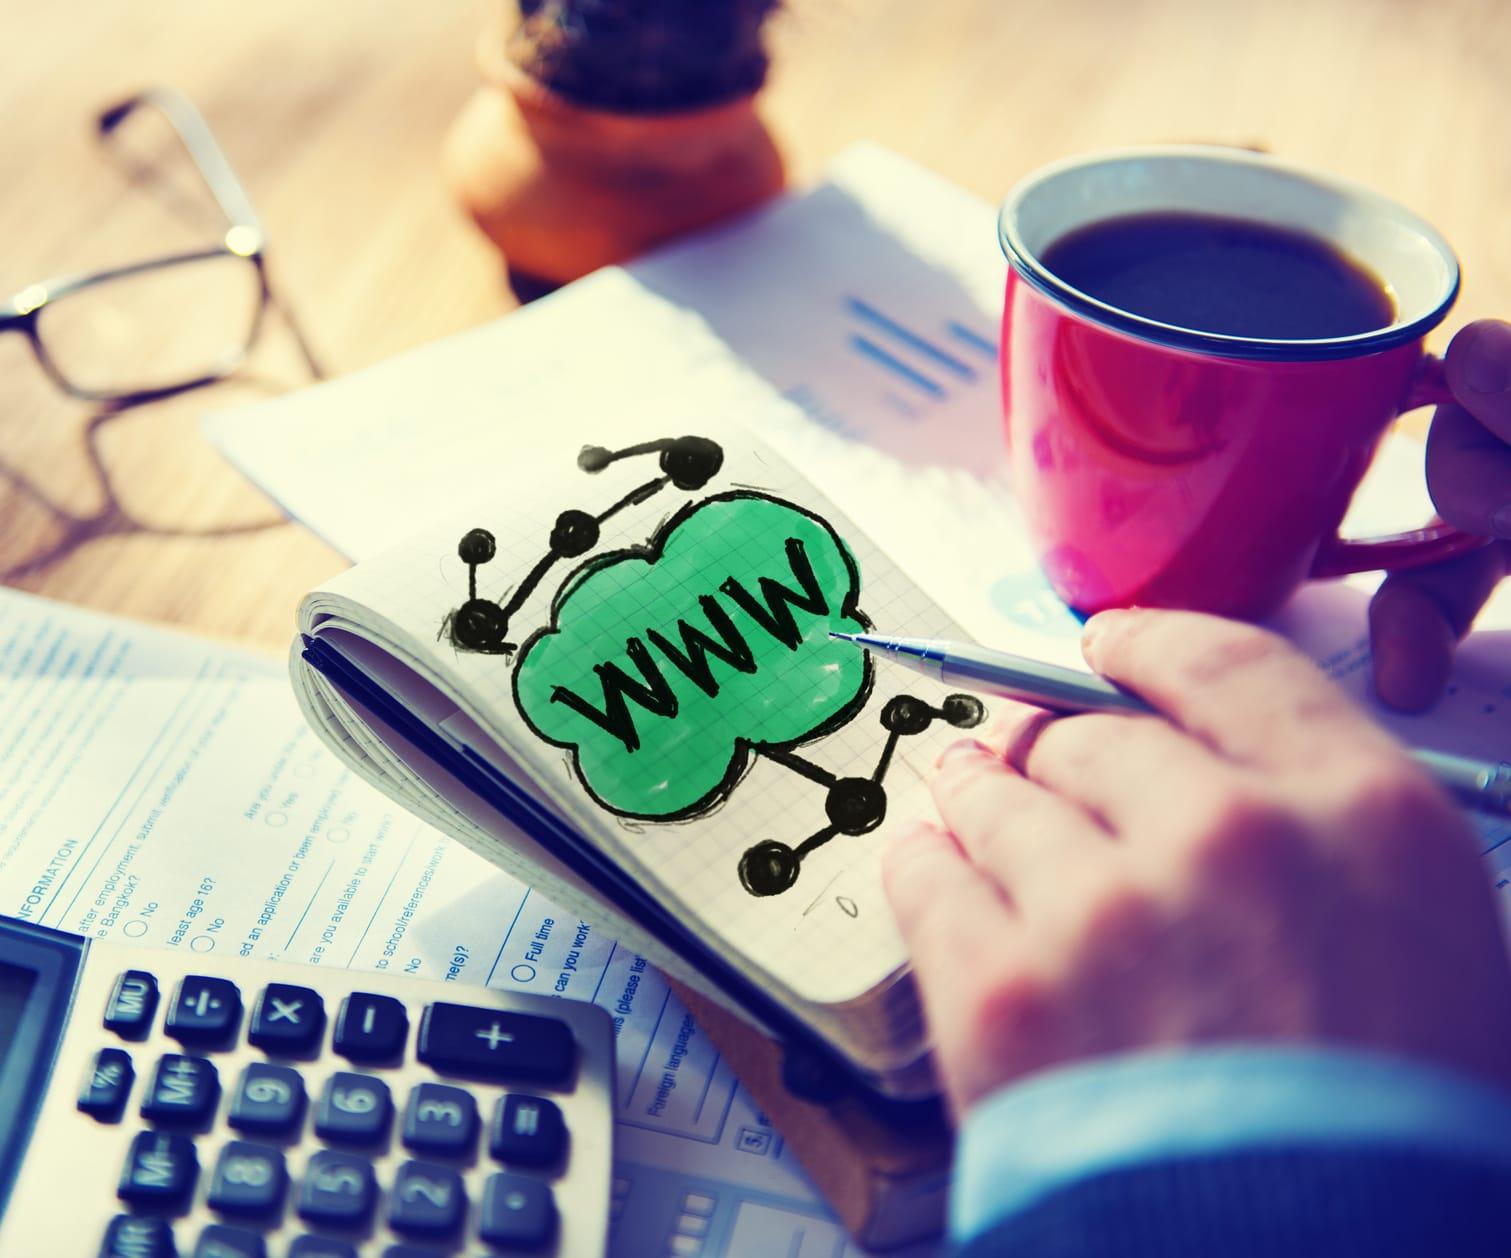 une main pointe un stylo sur le sigle www dessiné sur un carnet